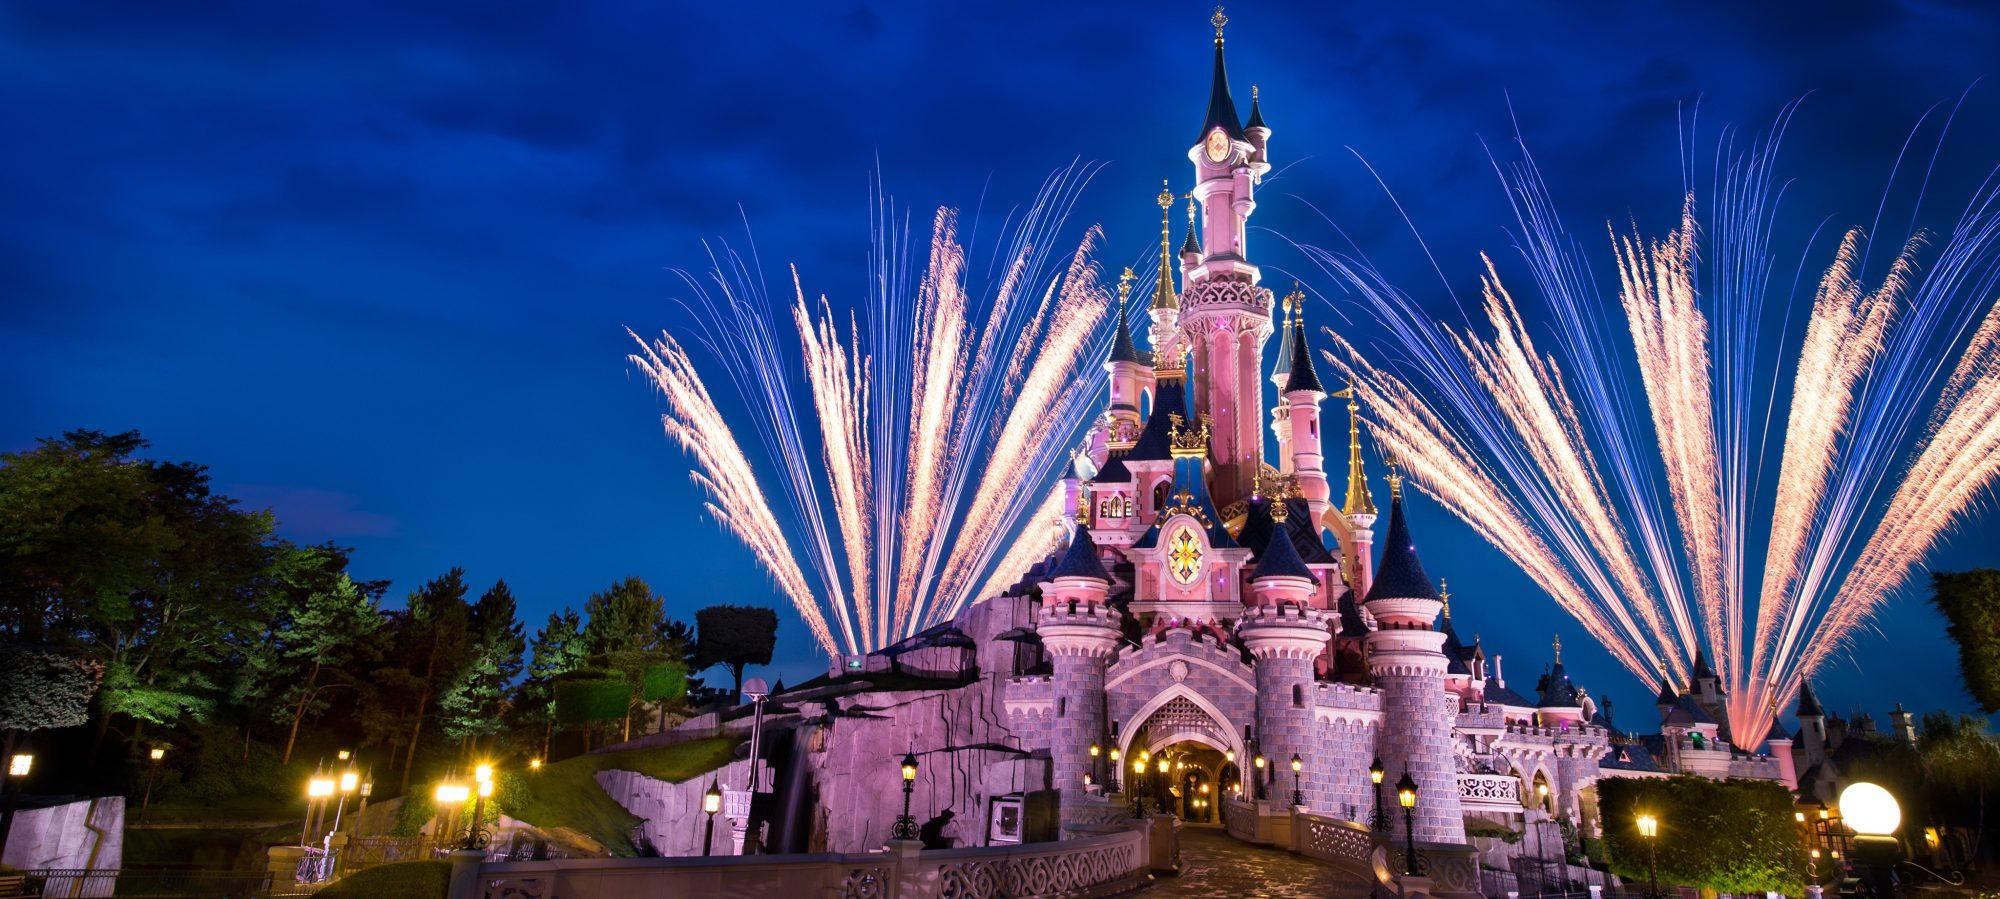 cropped-castle-nighttime1.jpg